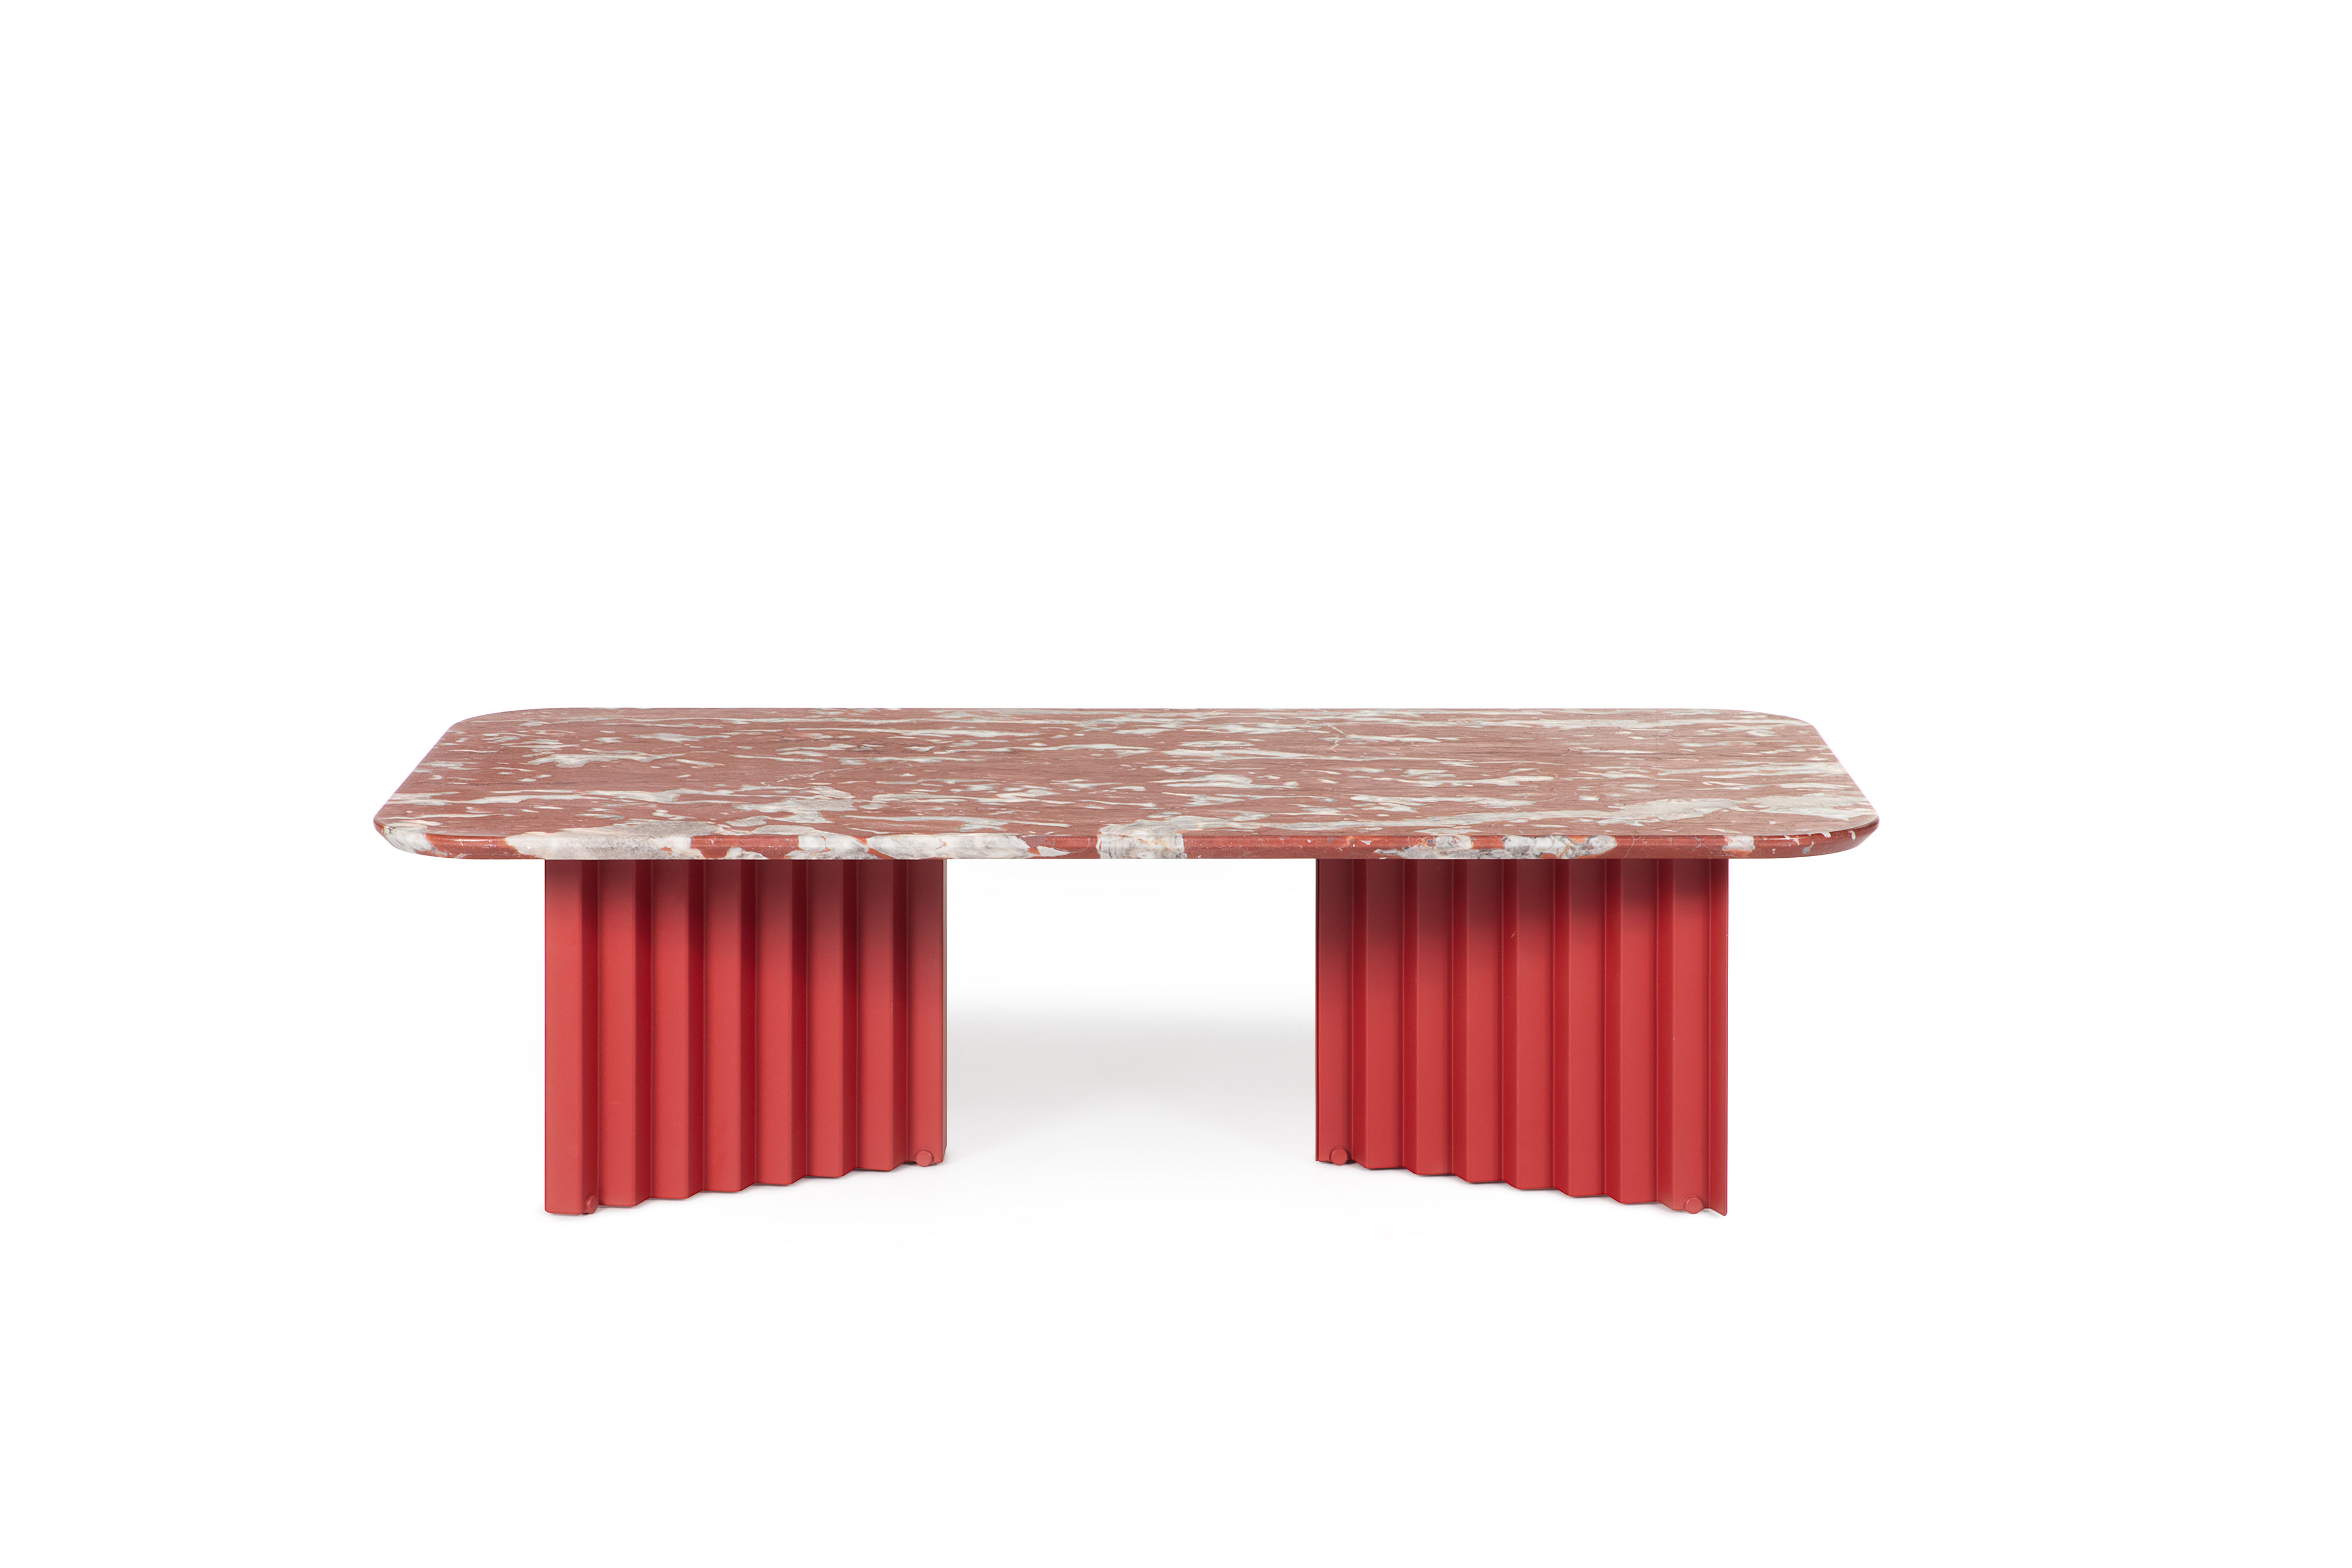 """Beistelltisch """"Der Große"""" - Design PLEC LARGE von RS Barcelona"""